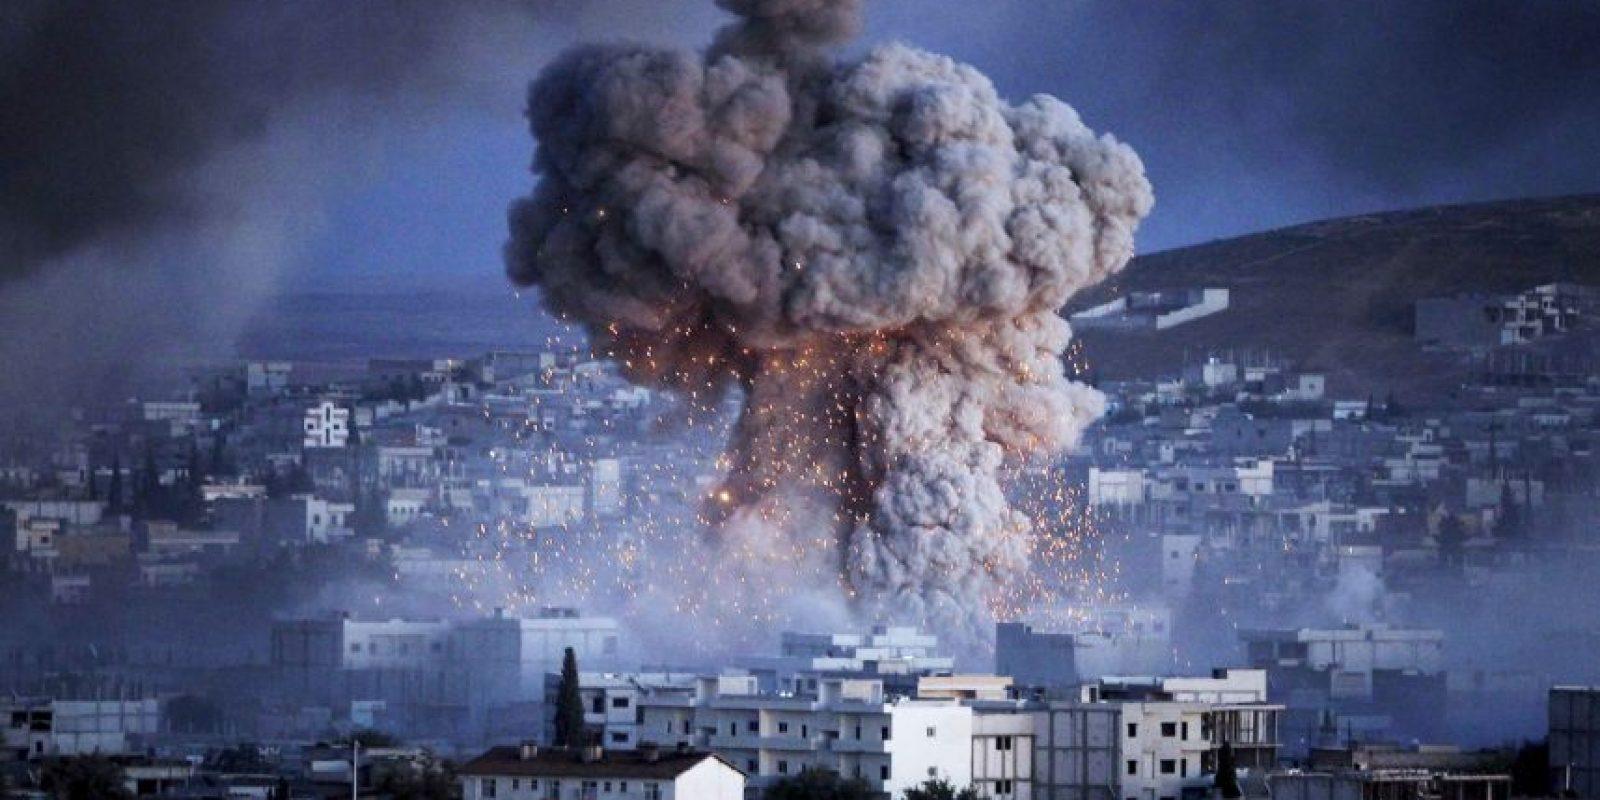 Probablemente el régimen sirio intentará bombardear a los rebeldes. Foto:Getty Images